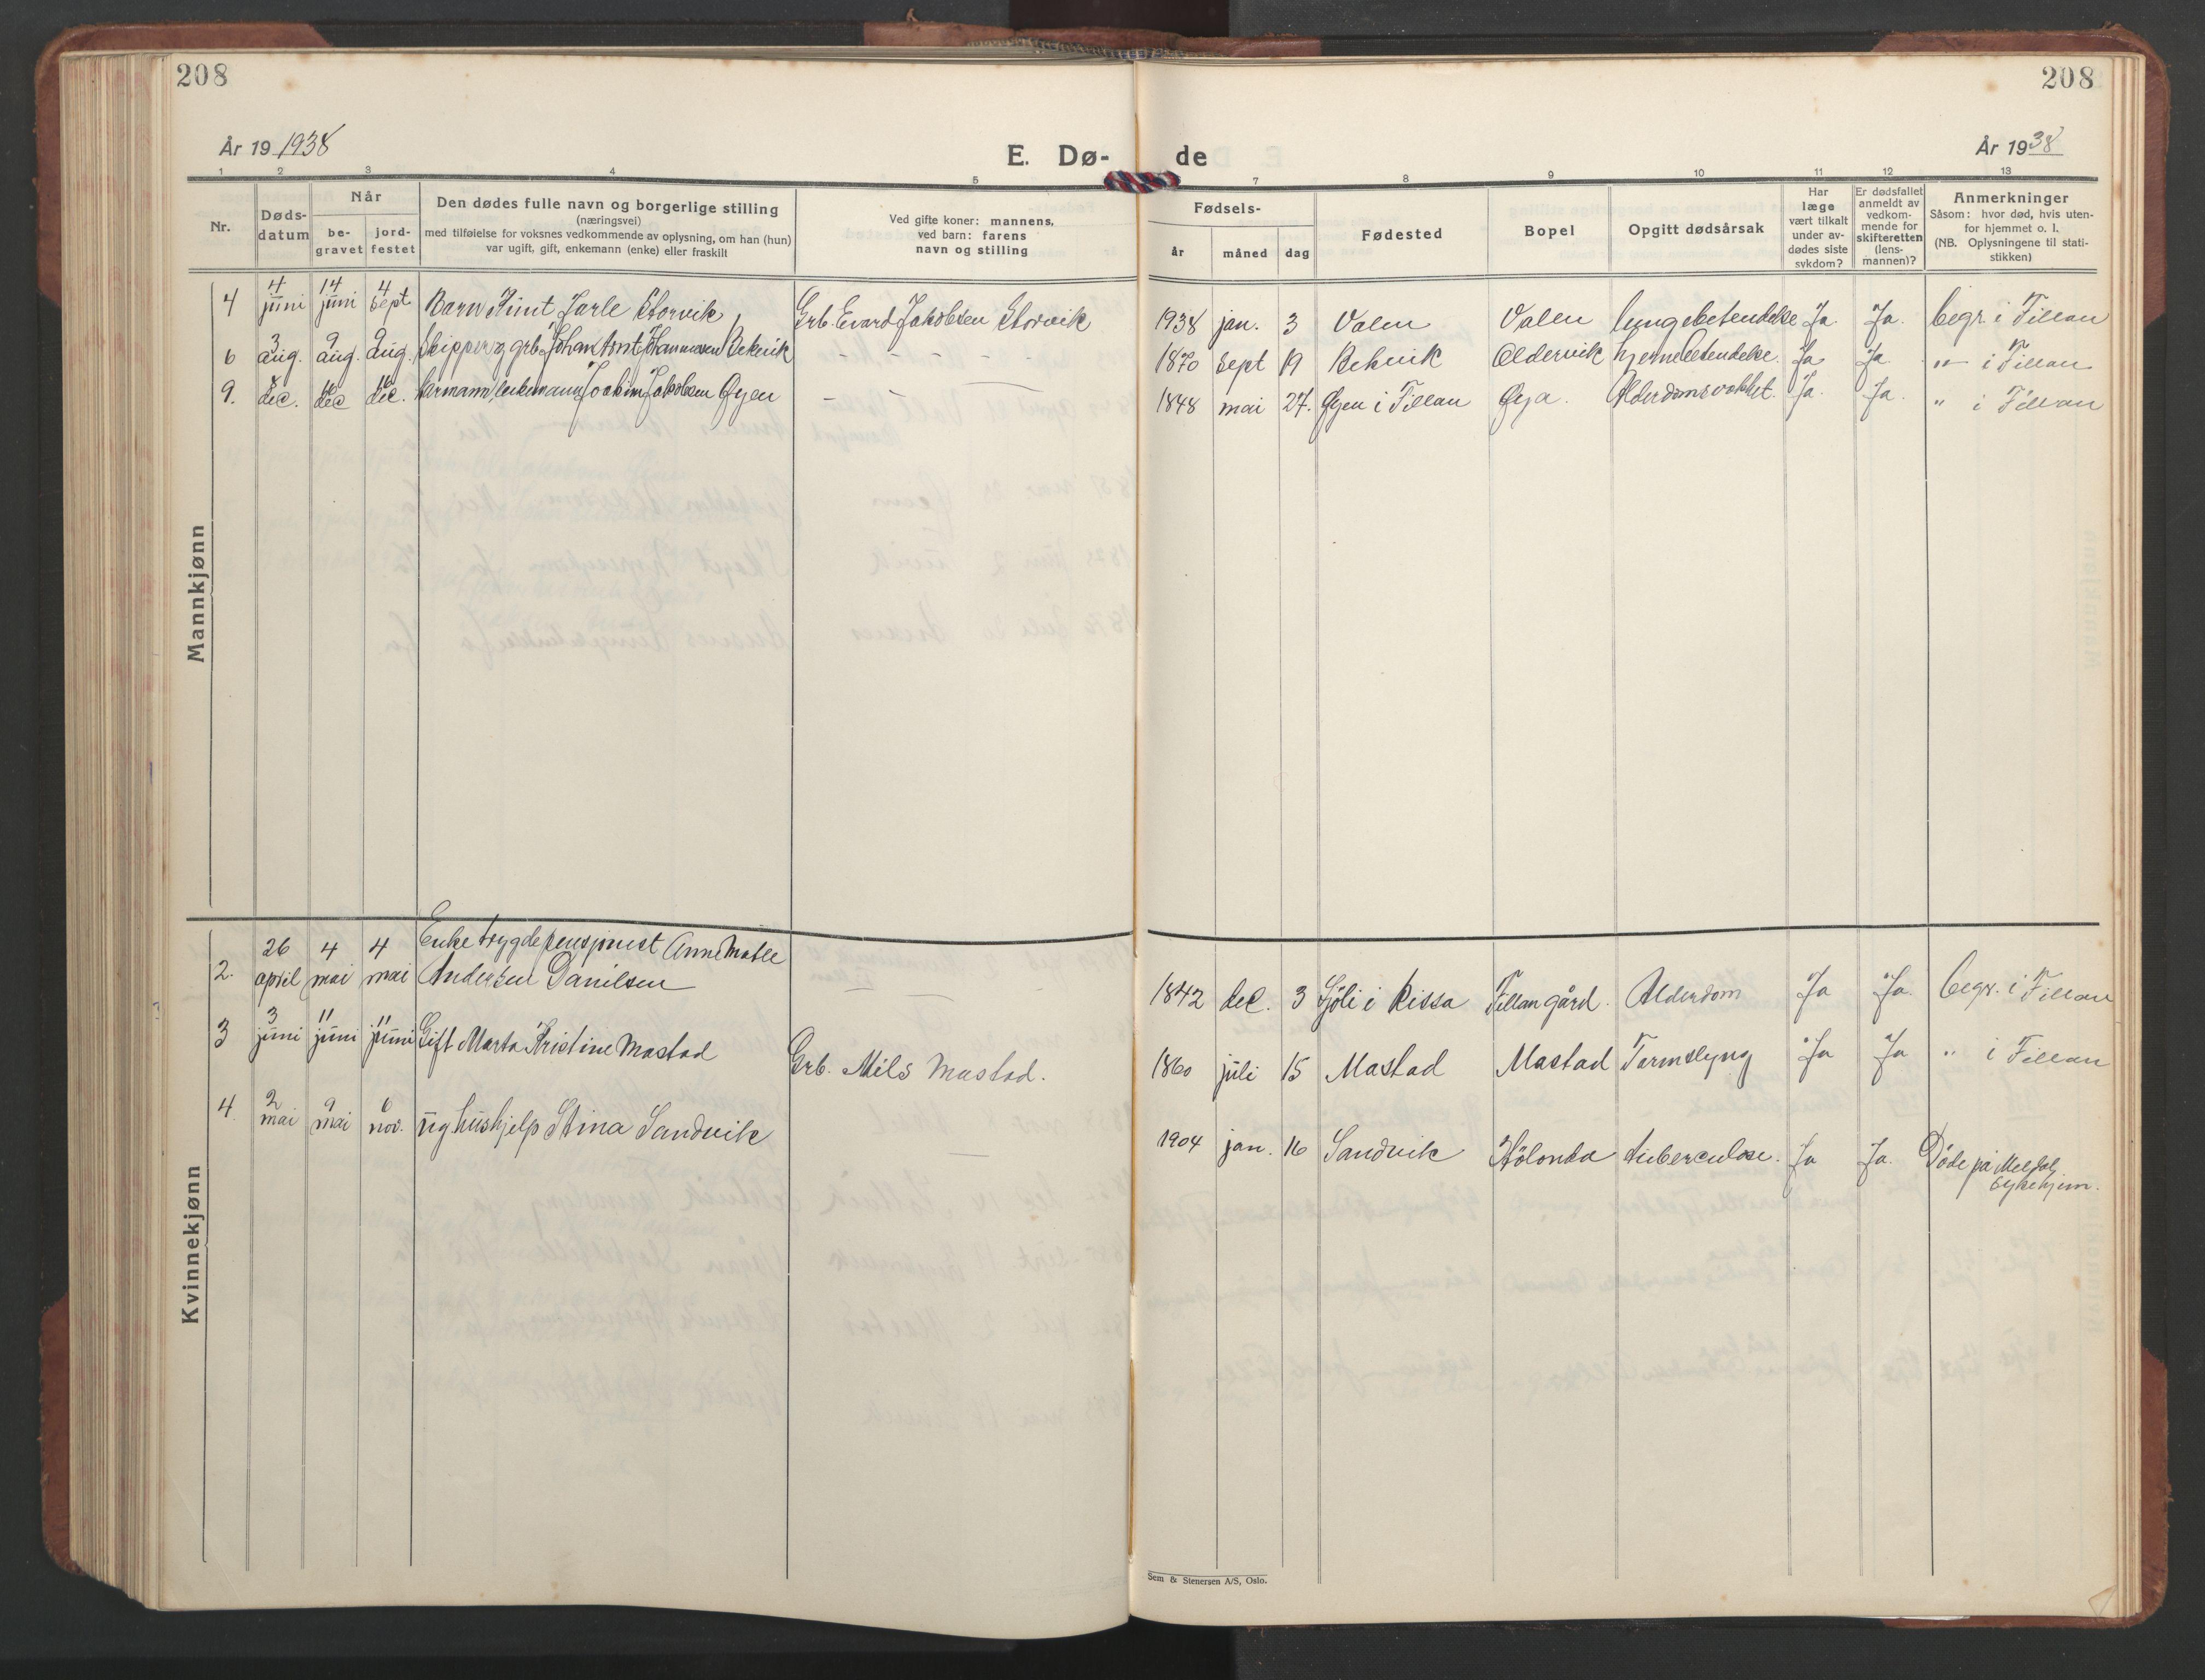 SAT, Ministerialprotokoller, klokkerbøker og fødselsregistre - Sør-Trøndelag, 637/L0564: Klokkerbok nr. 637C05, 1928-1968, s. 208